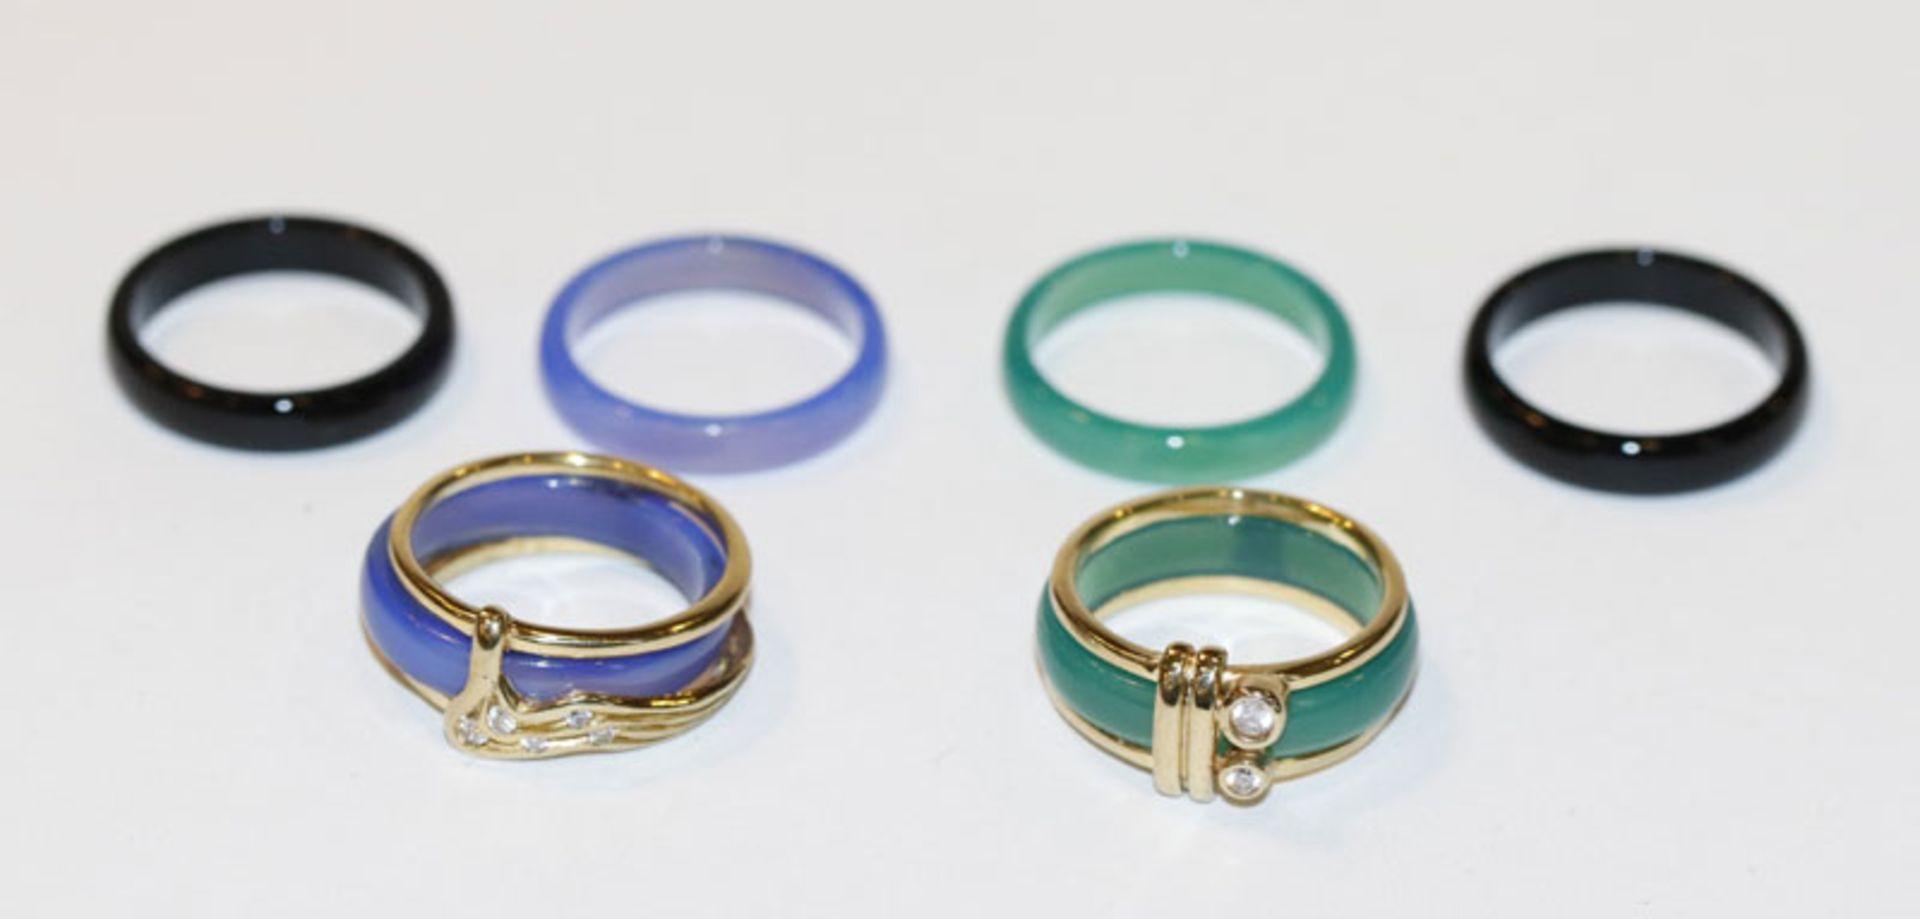 2 x 8 k Gelbgold Ringe mit austauschbaren Steinringen in verschiedenen Farben, Gr. 55, in Etui